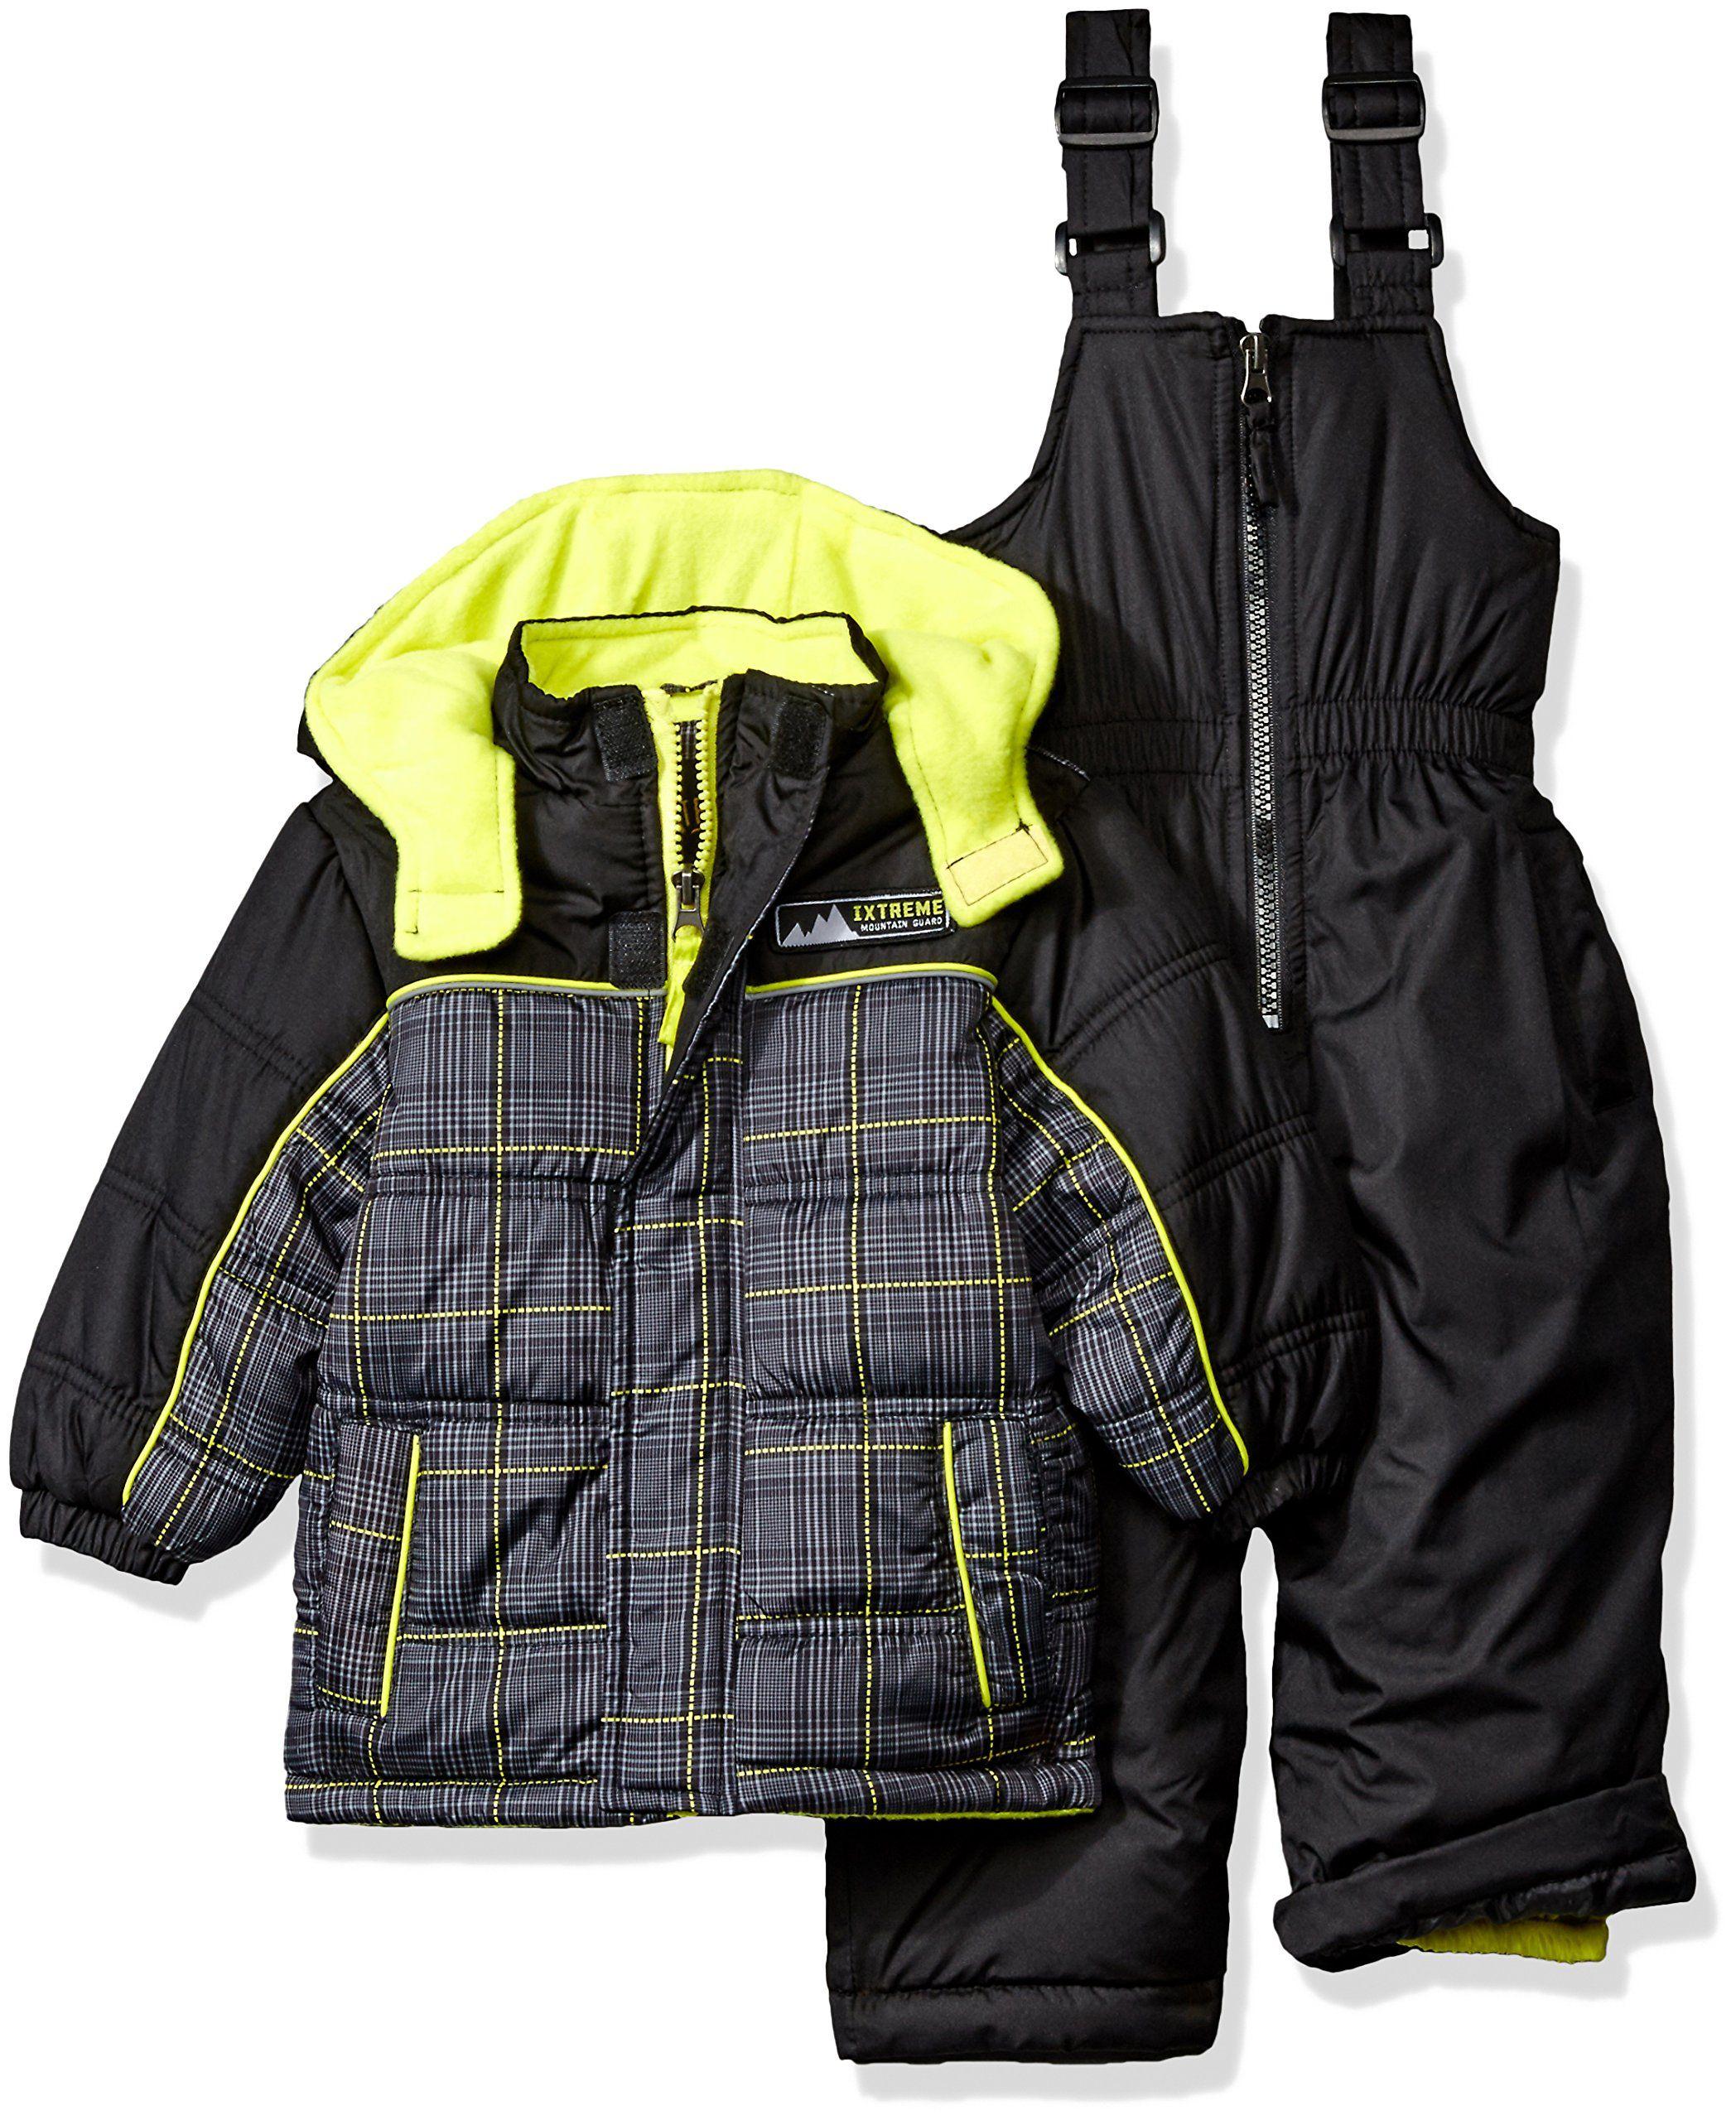 90171a8e9 iXtreme Little Boys  Plaid W  Pop Printed Snowsuit